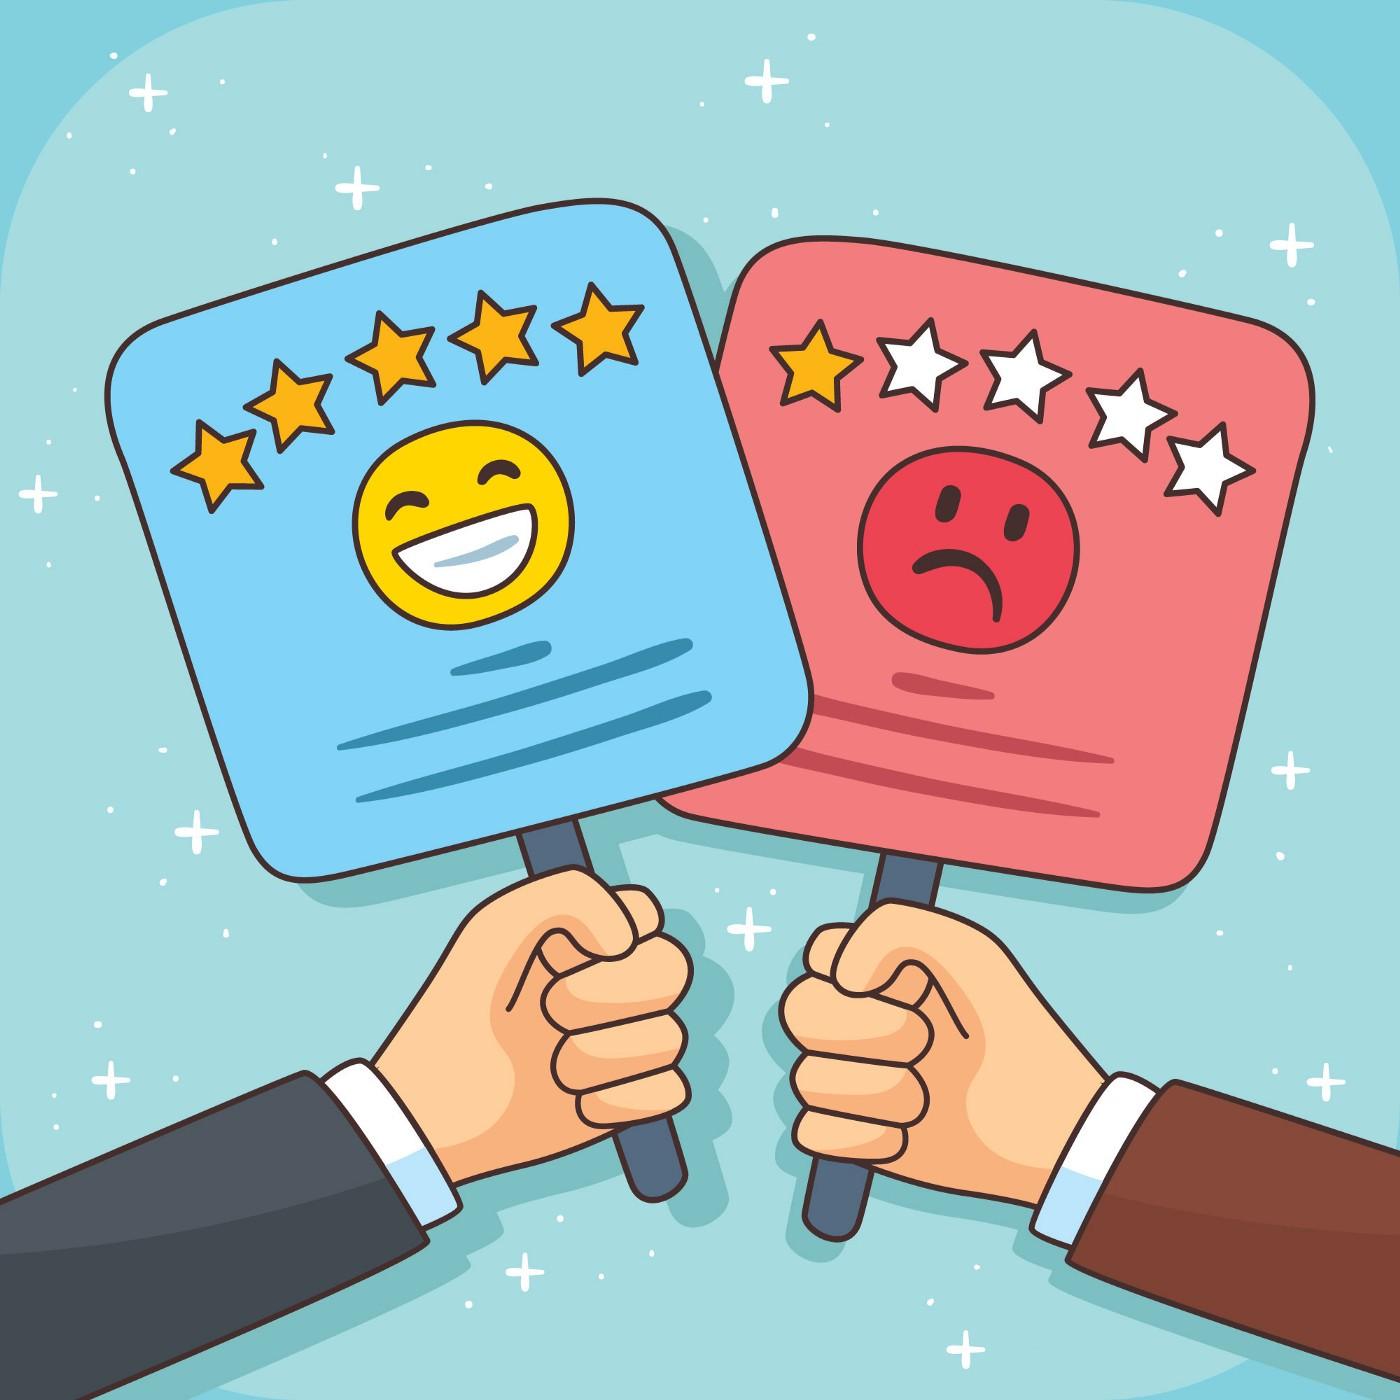 L'importance du feedback dans le management d'une équipe.